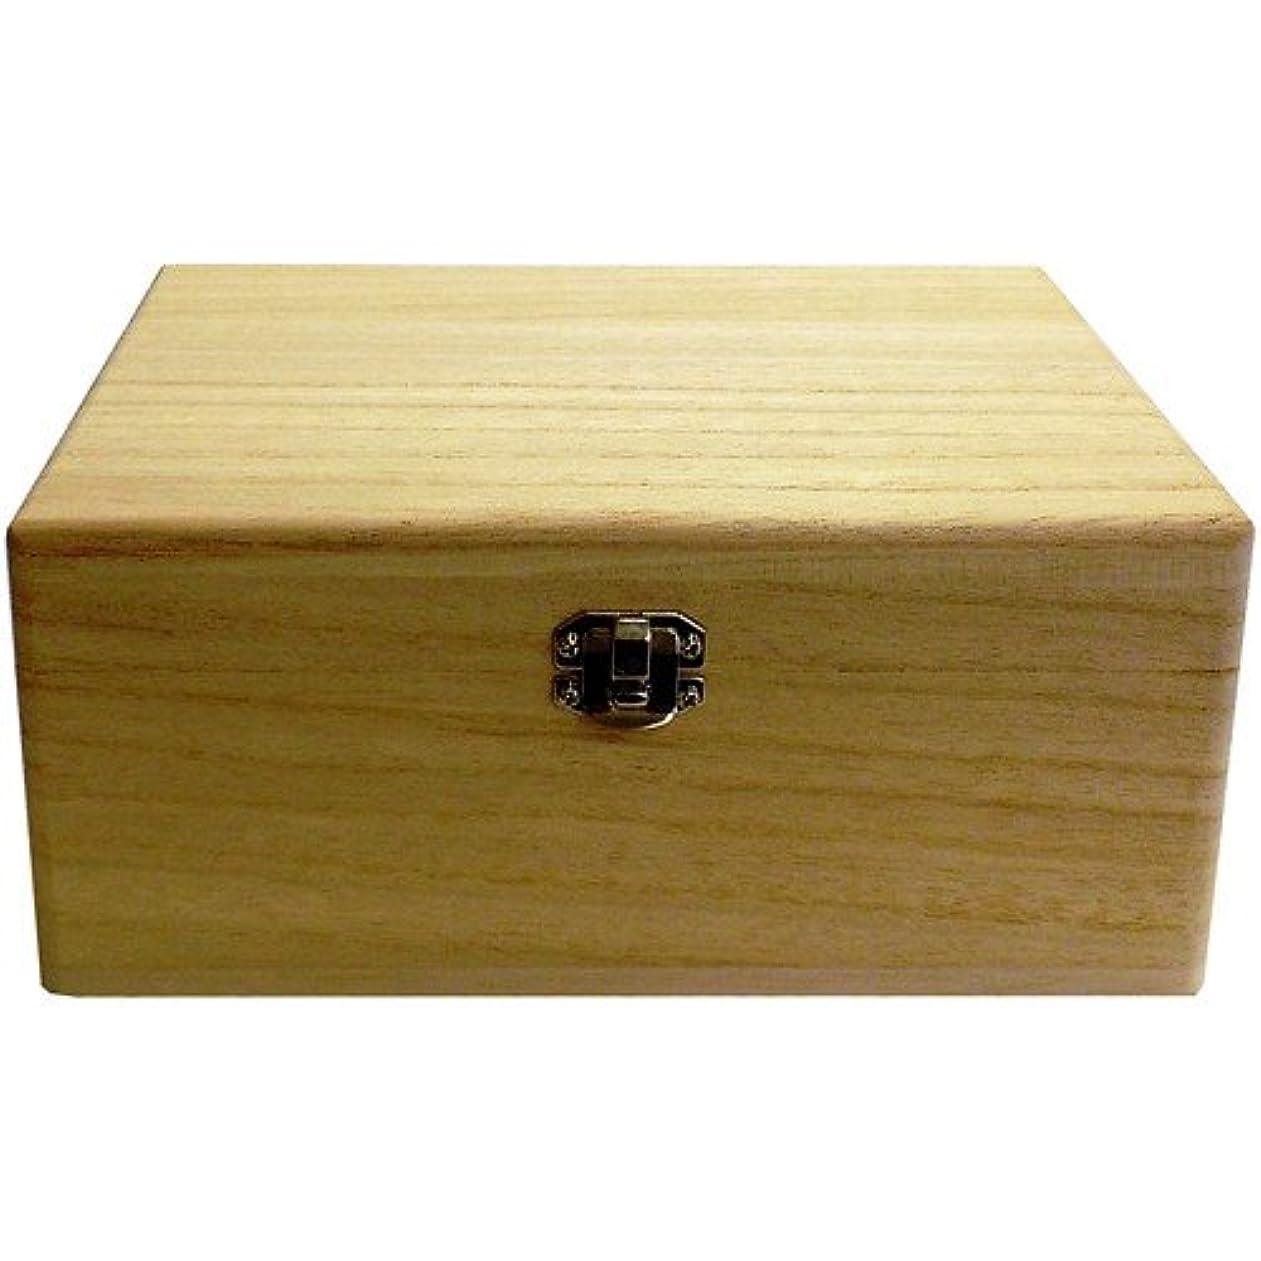 データム合併症レッスンアロマアンドライフ エッセンシャルオイルボックス 20本収納